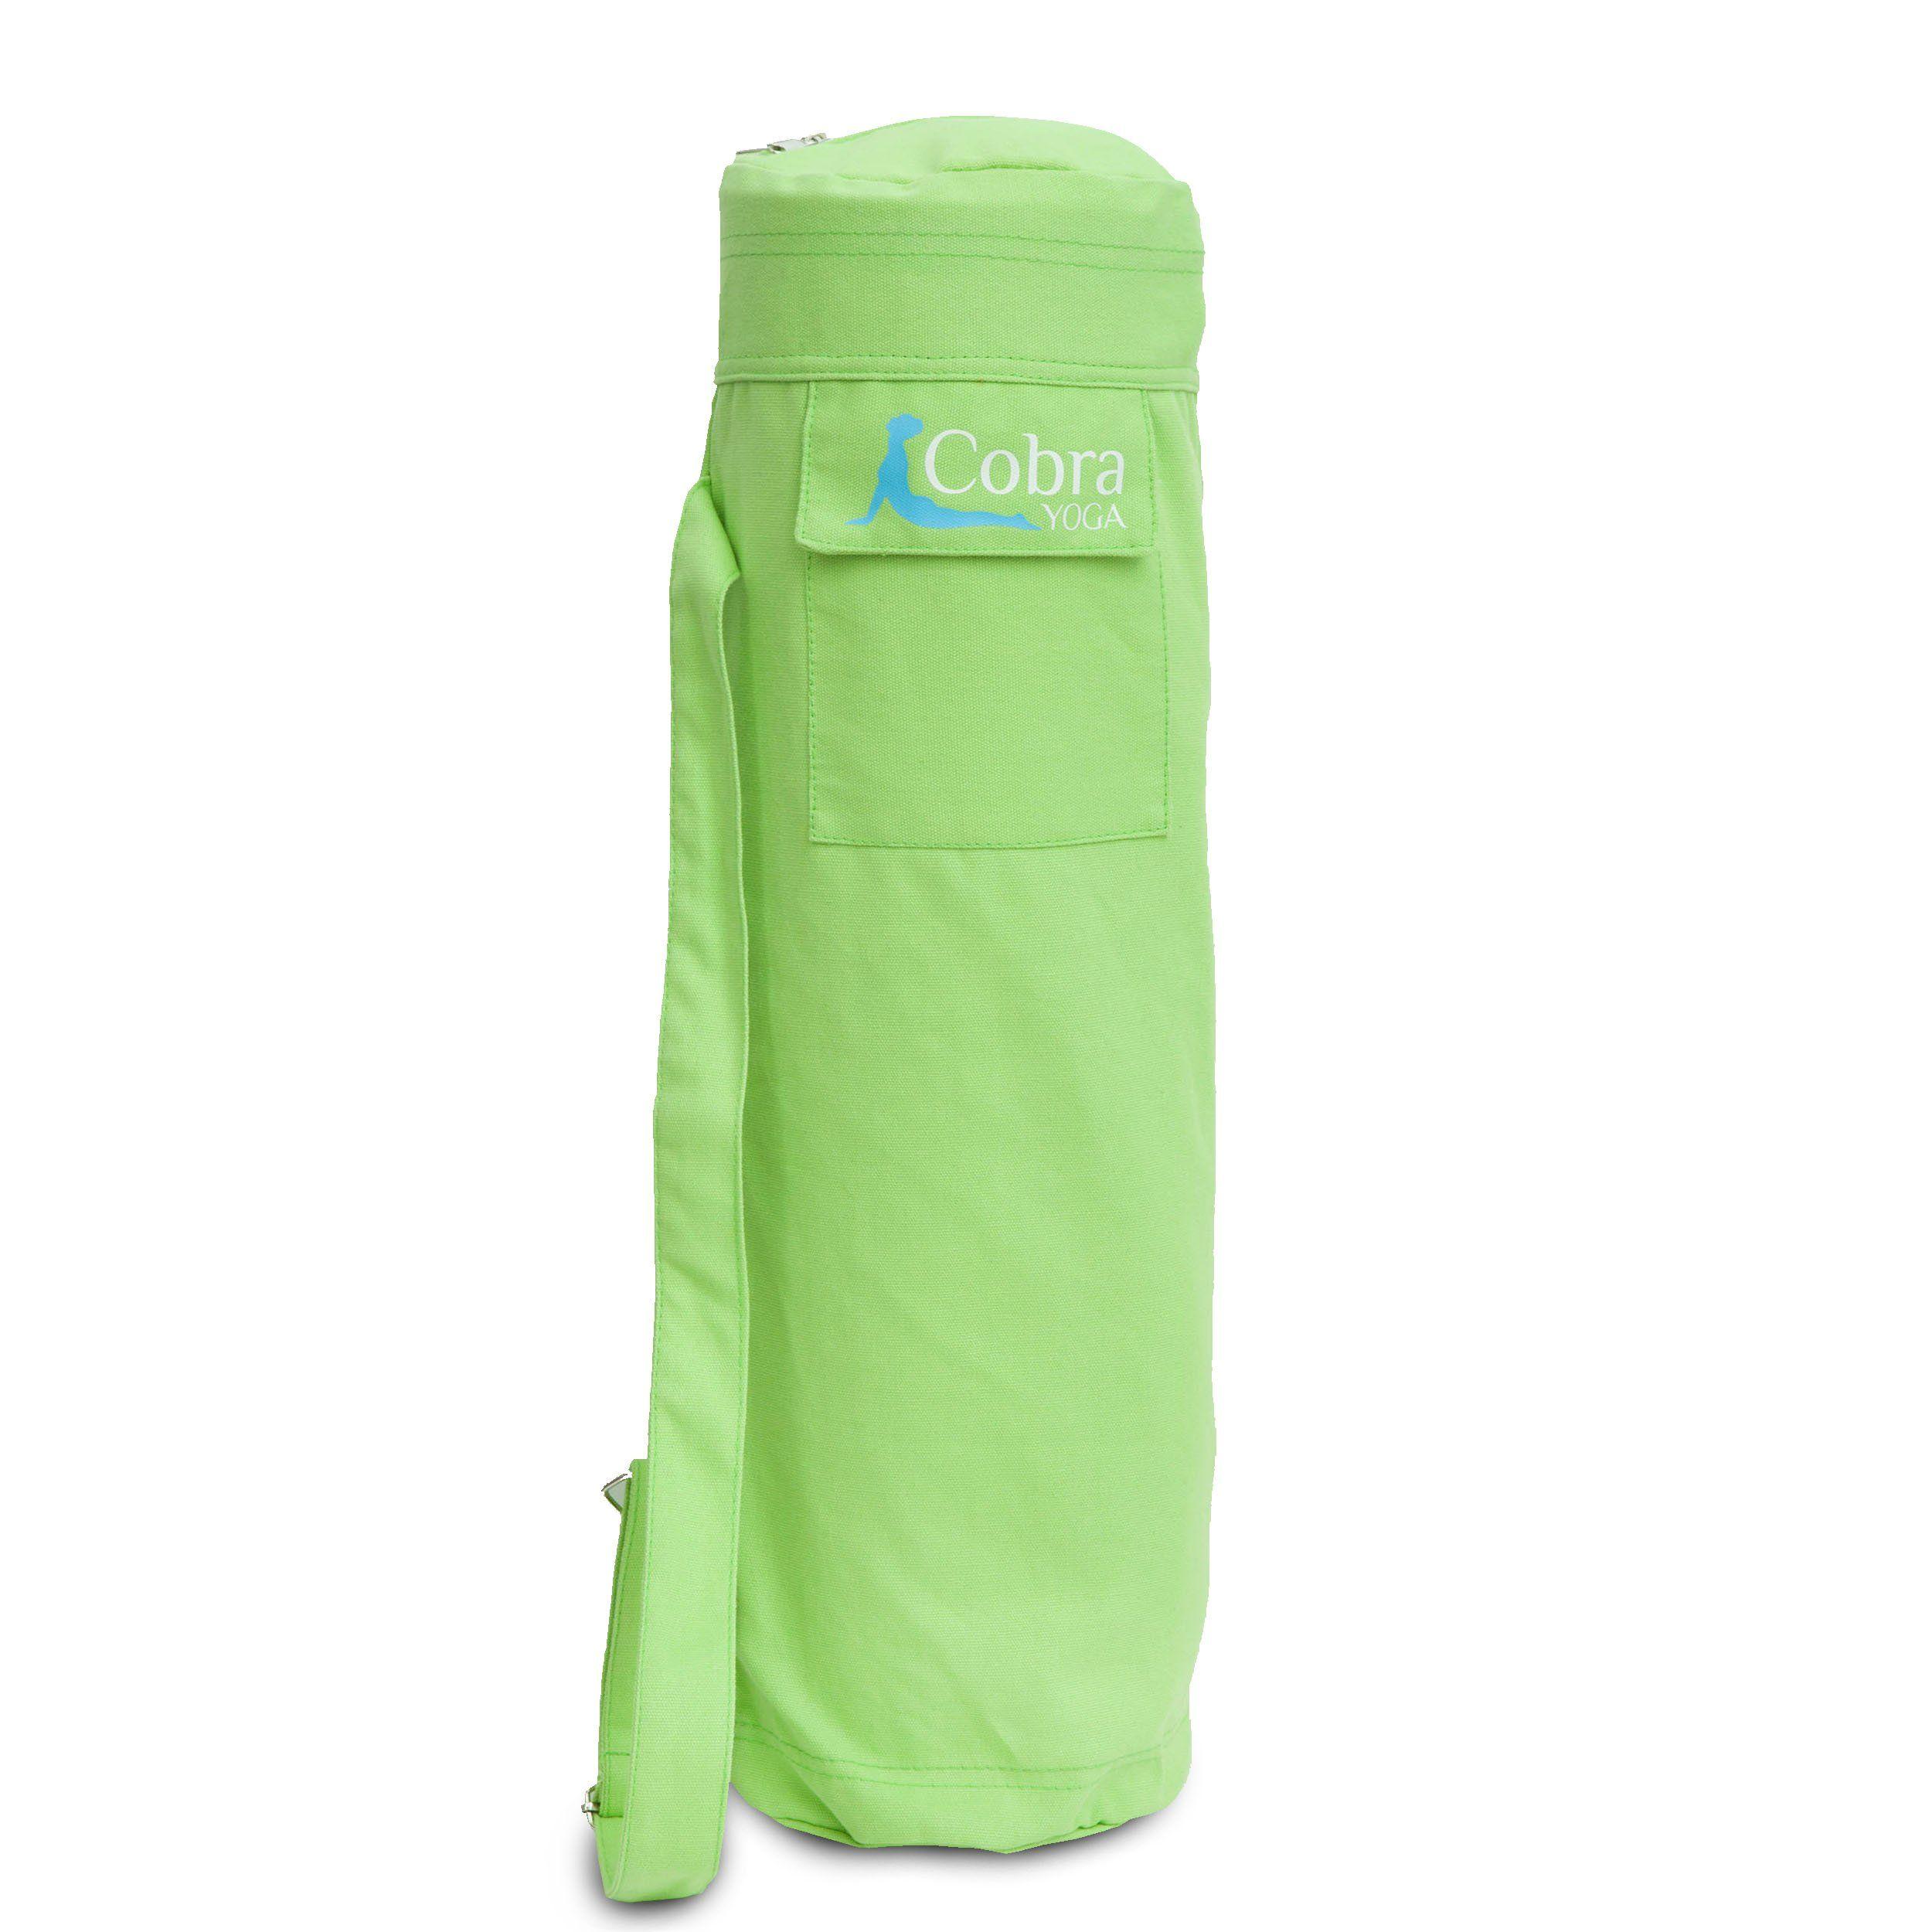 Cobra yoga mat bag with pocket and shoulder strap large to